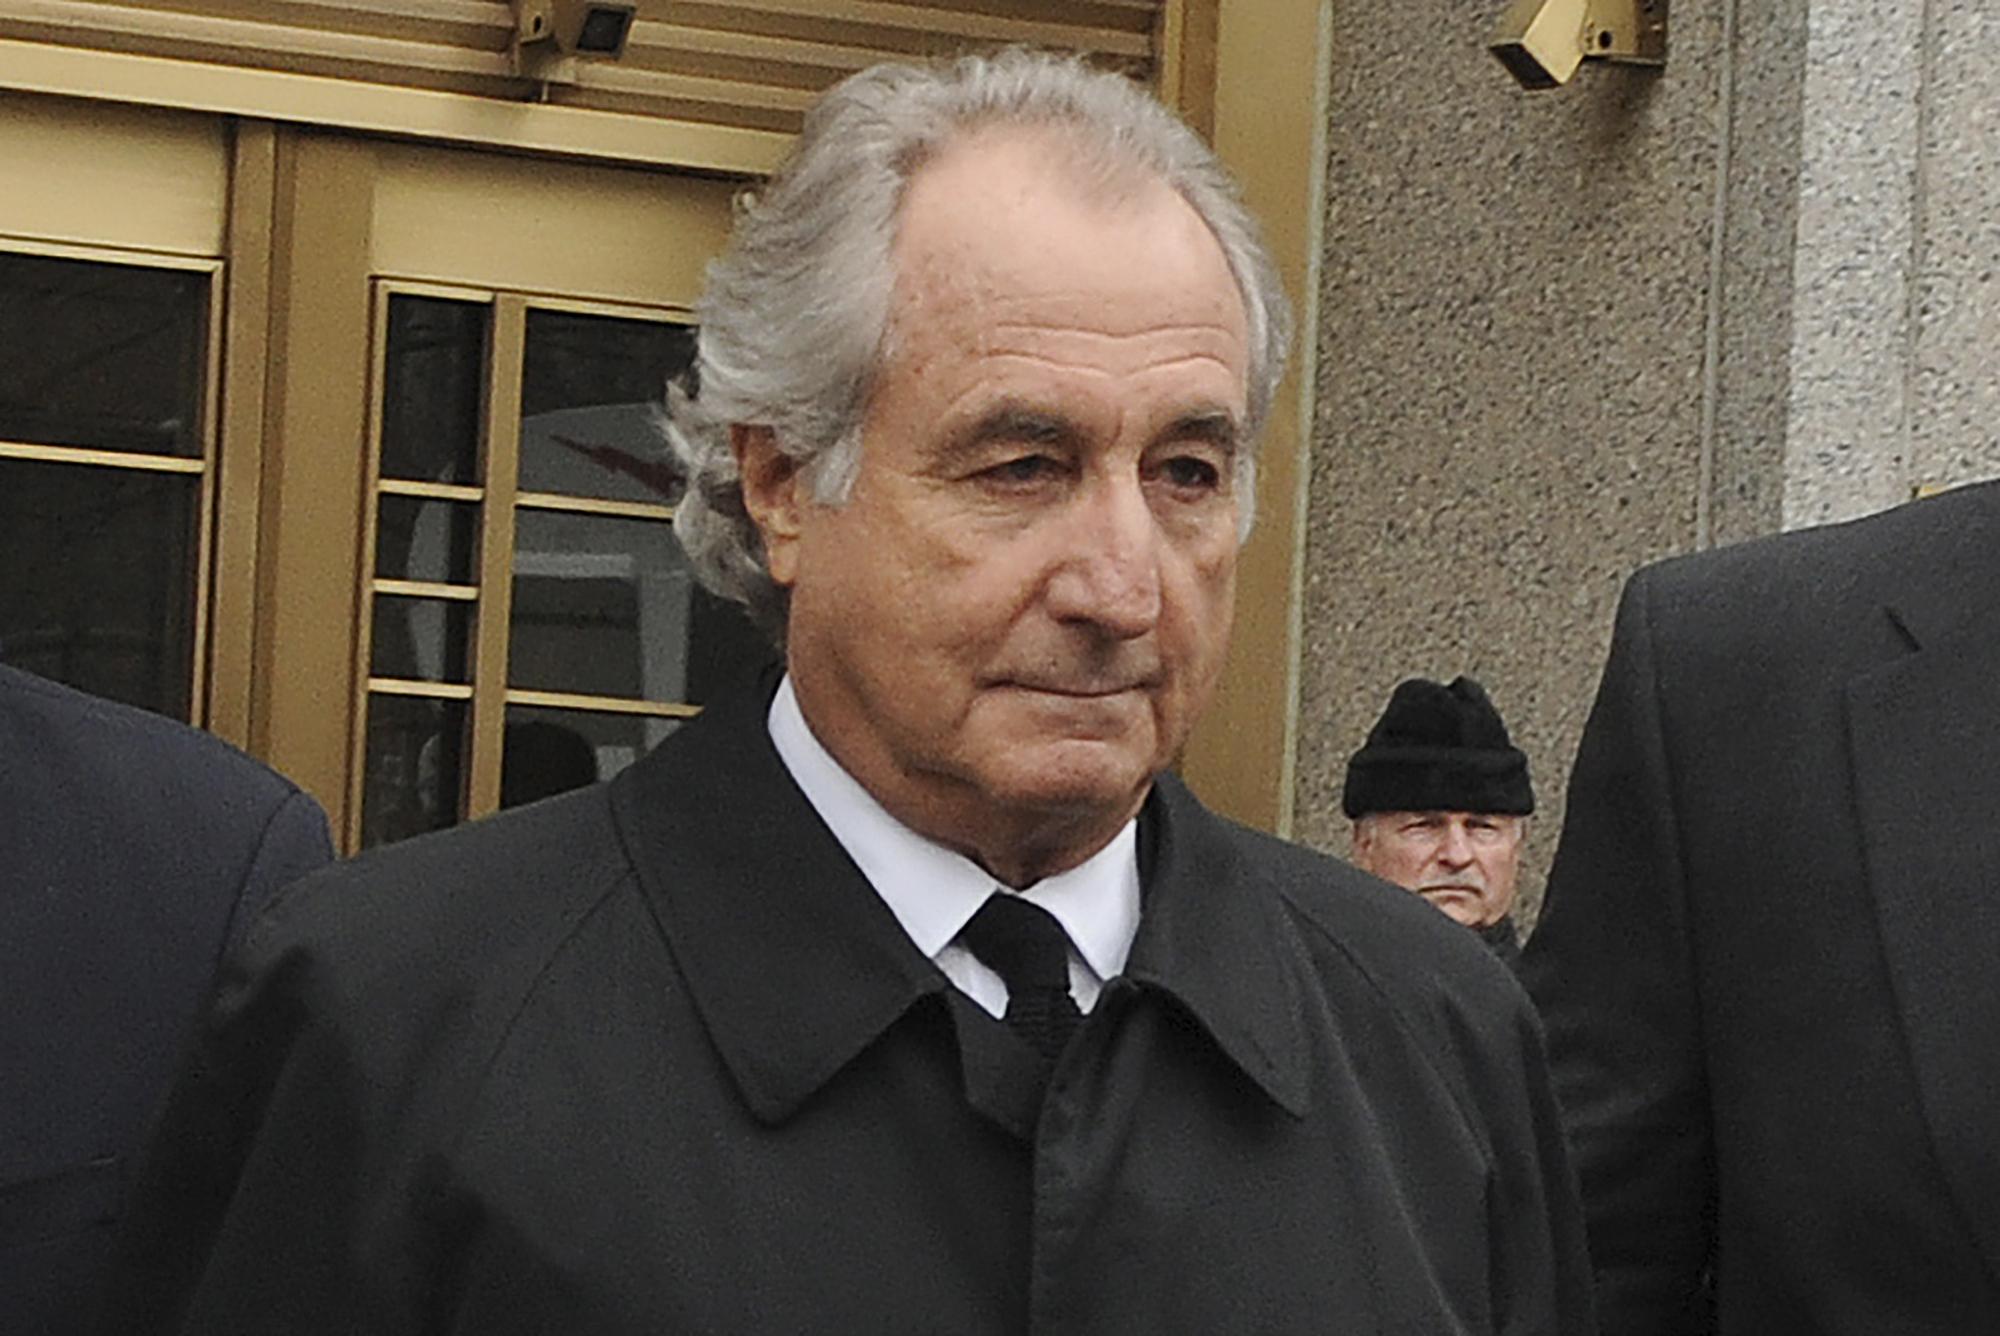 Man behind largest Ponzi scheme in history dies